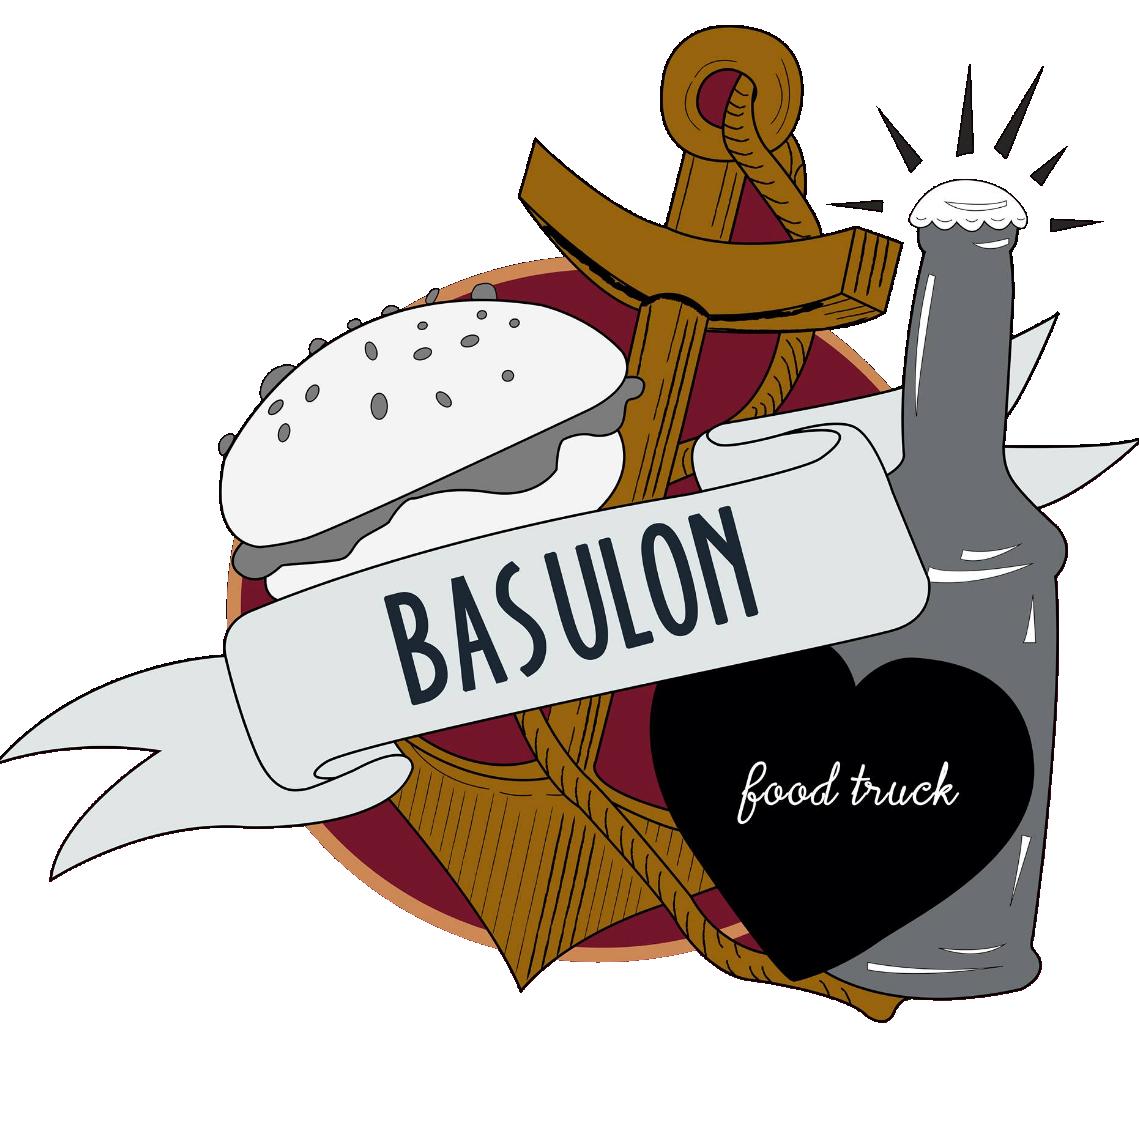 Basulon